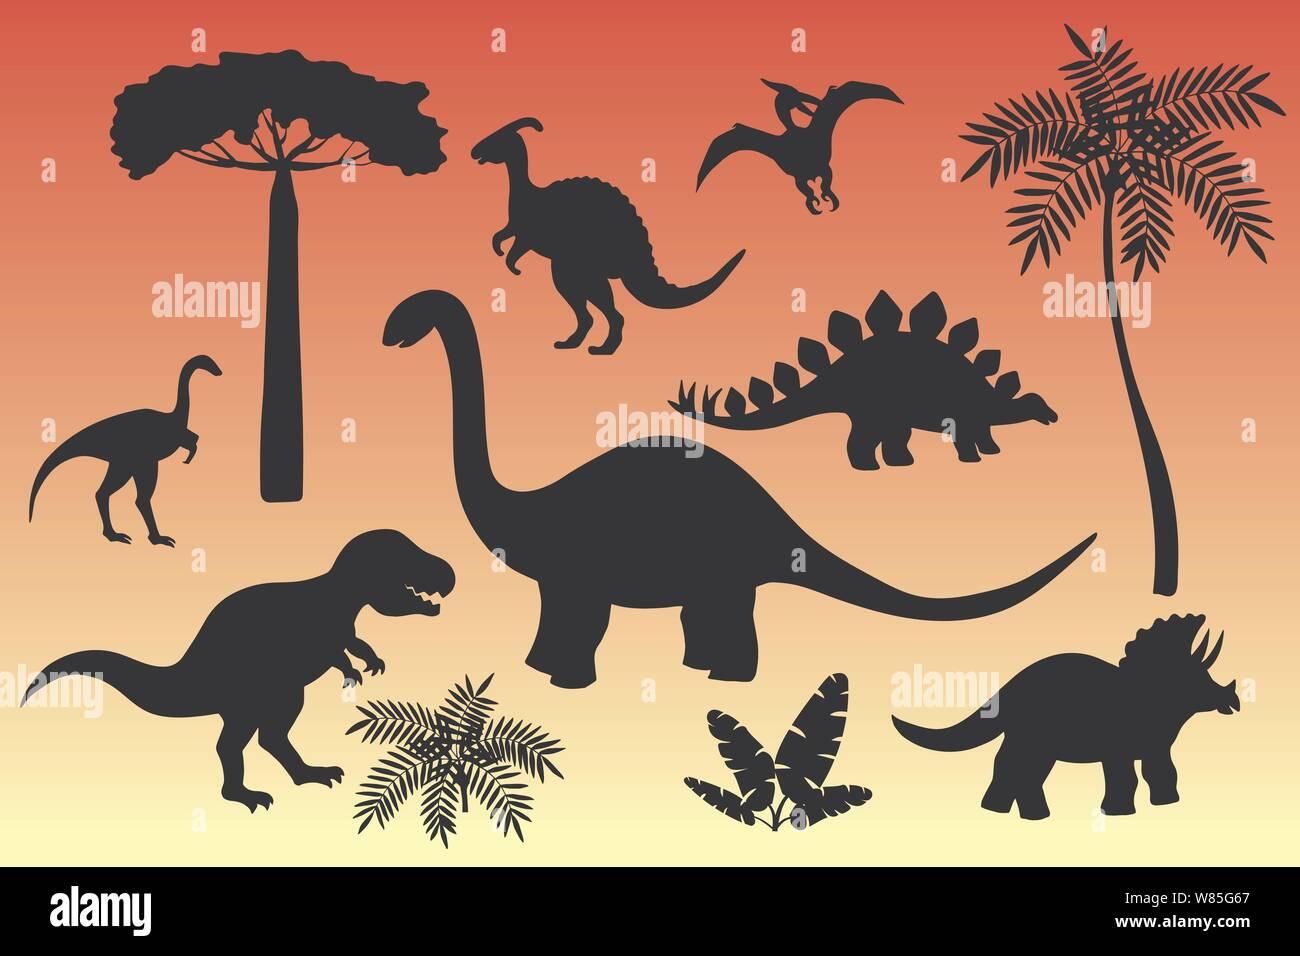 Conjunto De Siluetas De Dinosaurios En Negro Sobre Un Fondo De Rojo Atardecer El Estegosaurio El Triceratops El Tiranosaurio Brontosaurus Pterodactilo Y Otros Imagen Vector De Stock Alamy Imágenes de stock en hd y millones de otras fotos, ilustraciones y vectores en stock libres de regalías en la colección de shutterstock. https www alamy es conjunto de siluetas de dinosaurios en negro sobre un fondo de rojo atardecer el estegosaurio el triceratops el tiranosaurio brontosaurus pterodactilo y otros image263195247 html